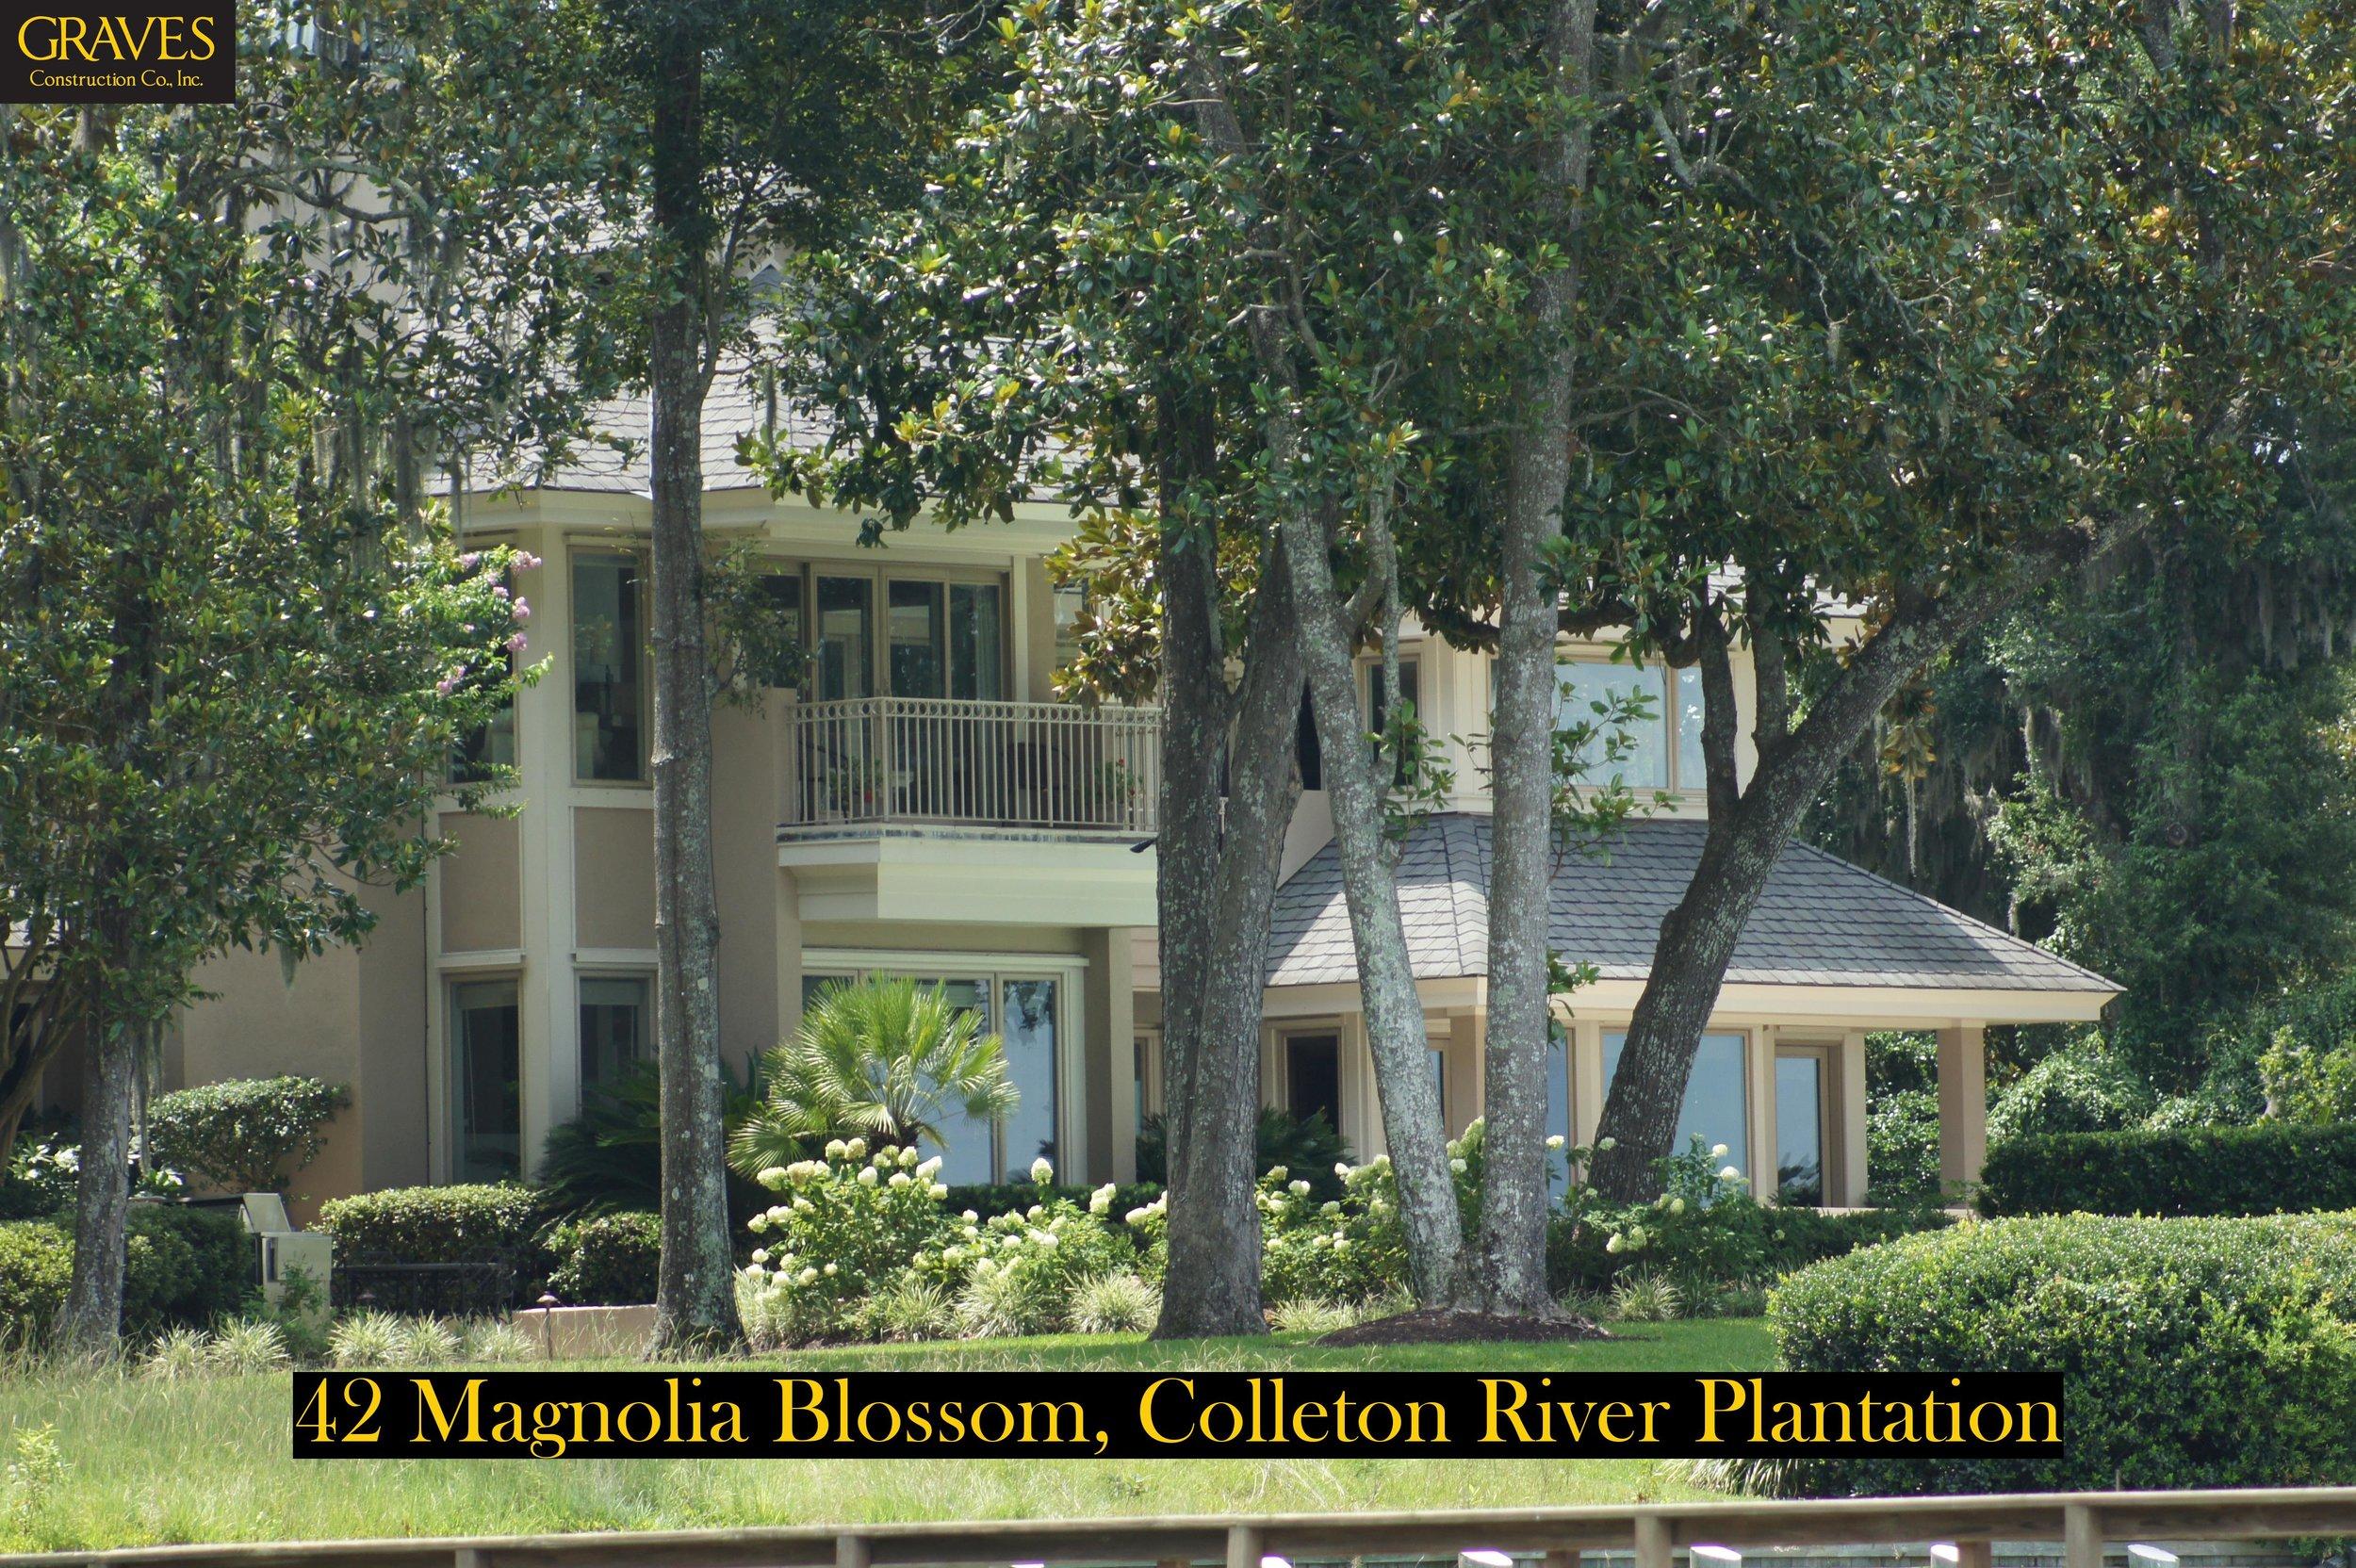 42 Magnolia Blossom - 4